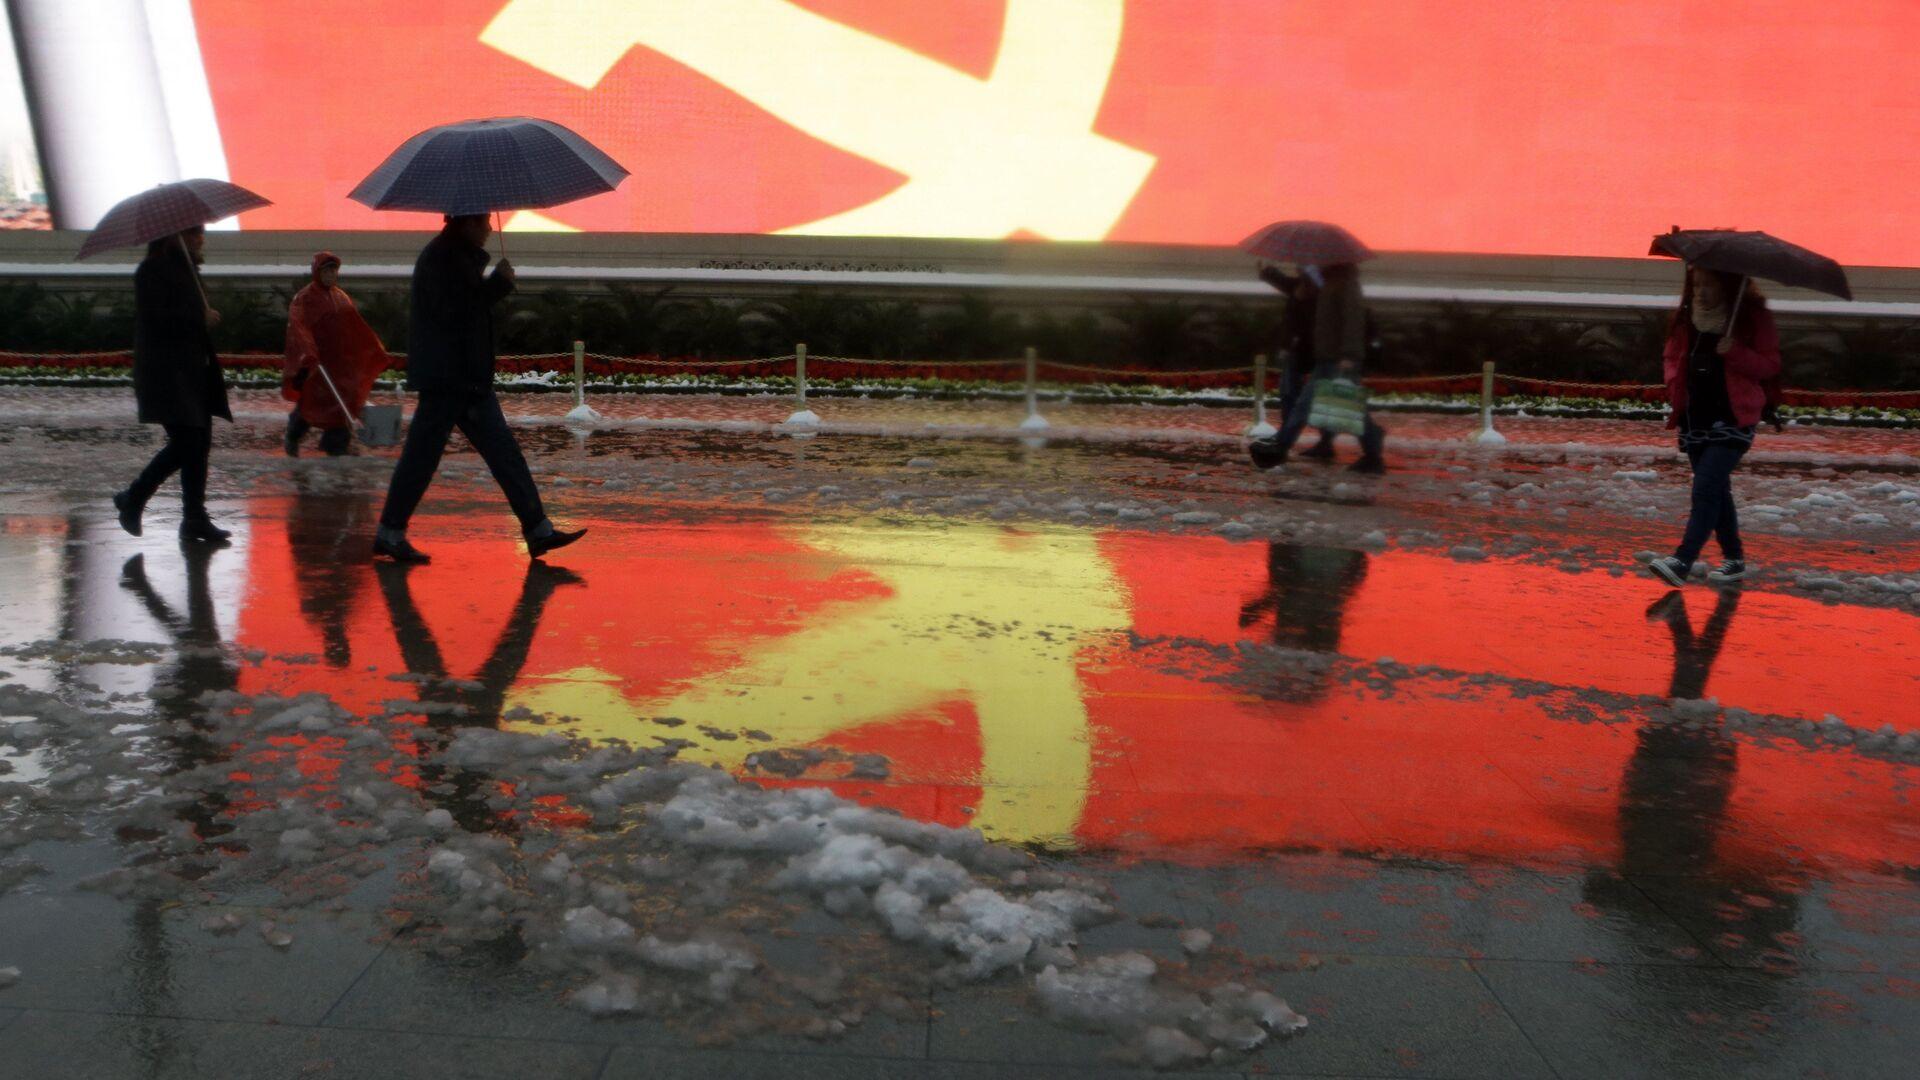 Флаг Коммунистической партии Китая на площади Тяньаньмэнь в Пекина, КНР - РИА Новости, 1920, 19.09.2020